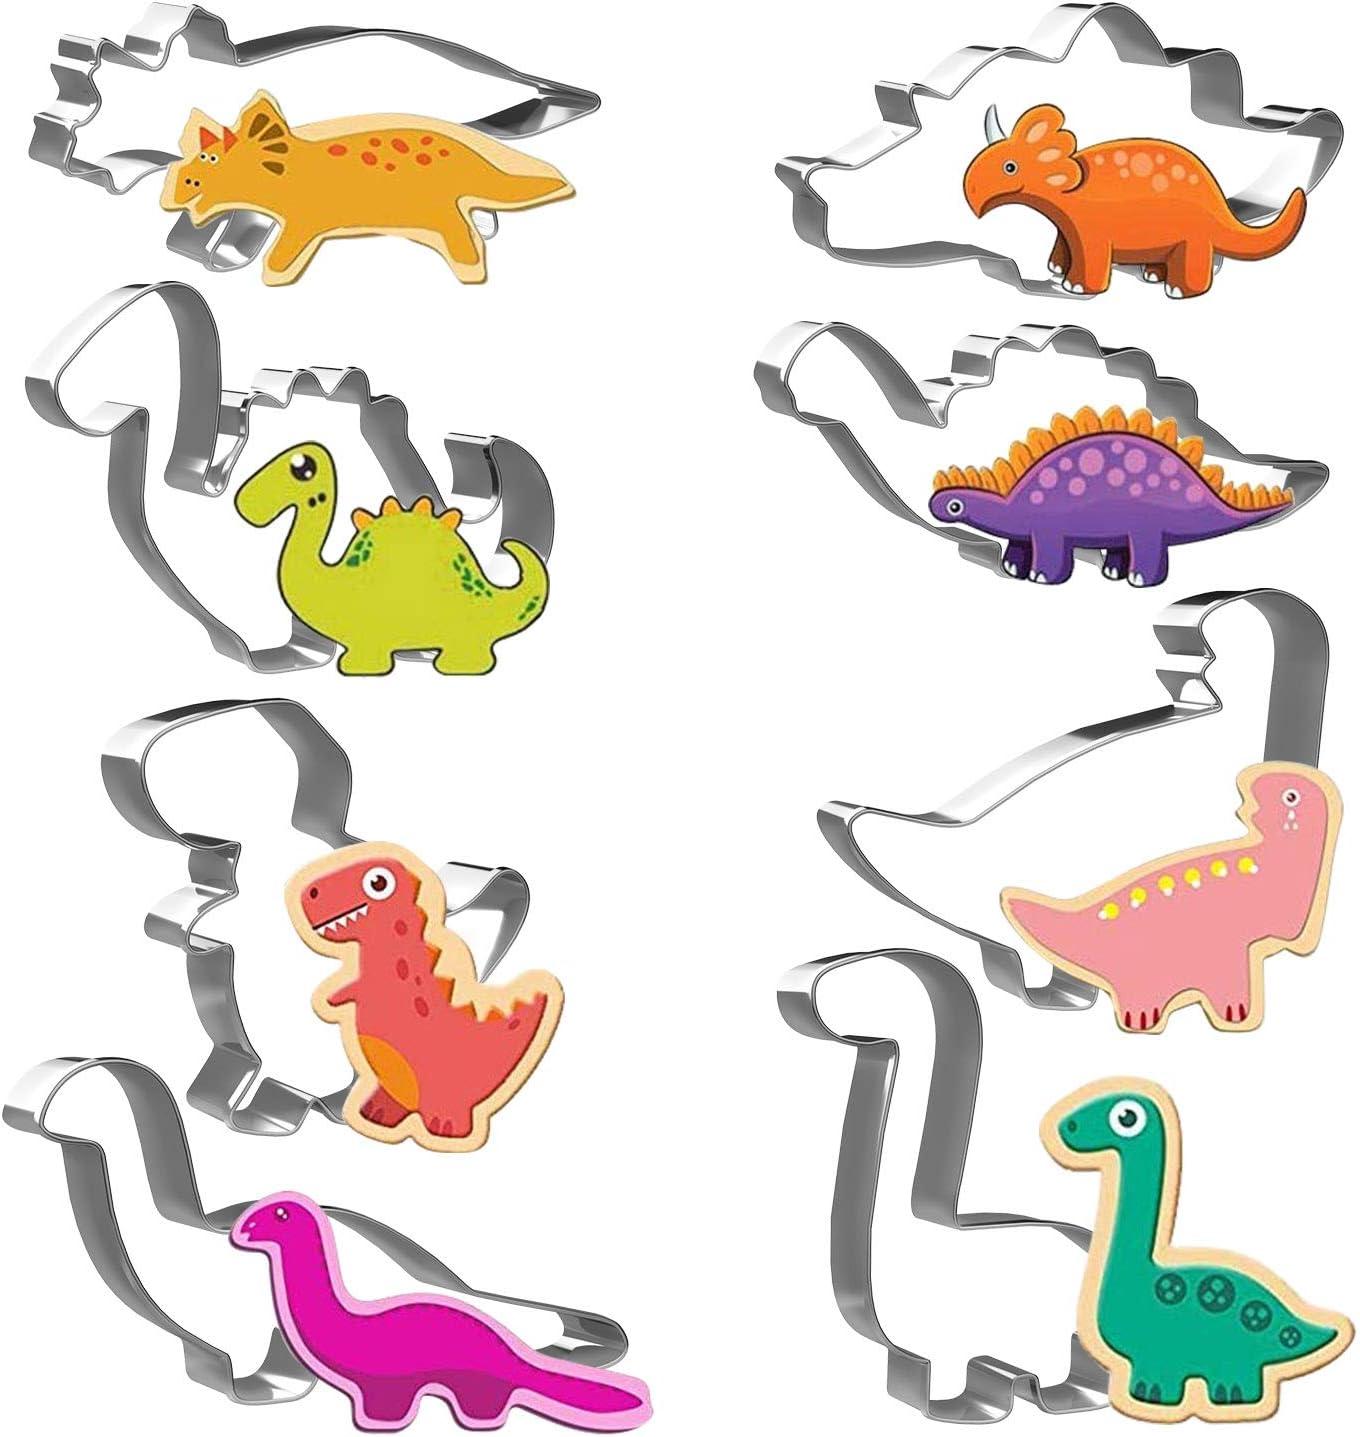 Moules Dinosaure Pour Enfants - en Acier Inoxydable - 8 pièces - Tyrannosaurus, Tricératops, Stégosaure, Brontosaurus, Bébé Dinosaure